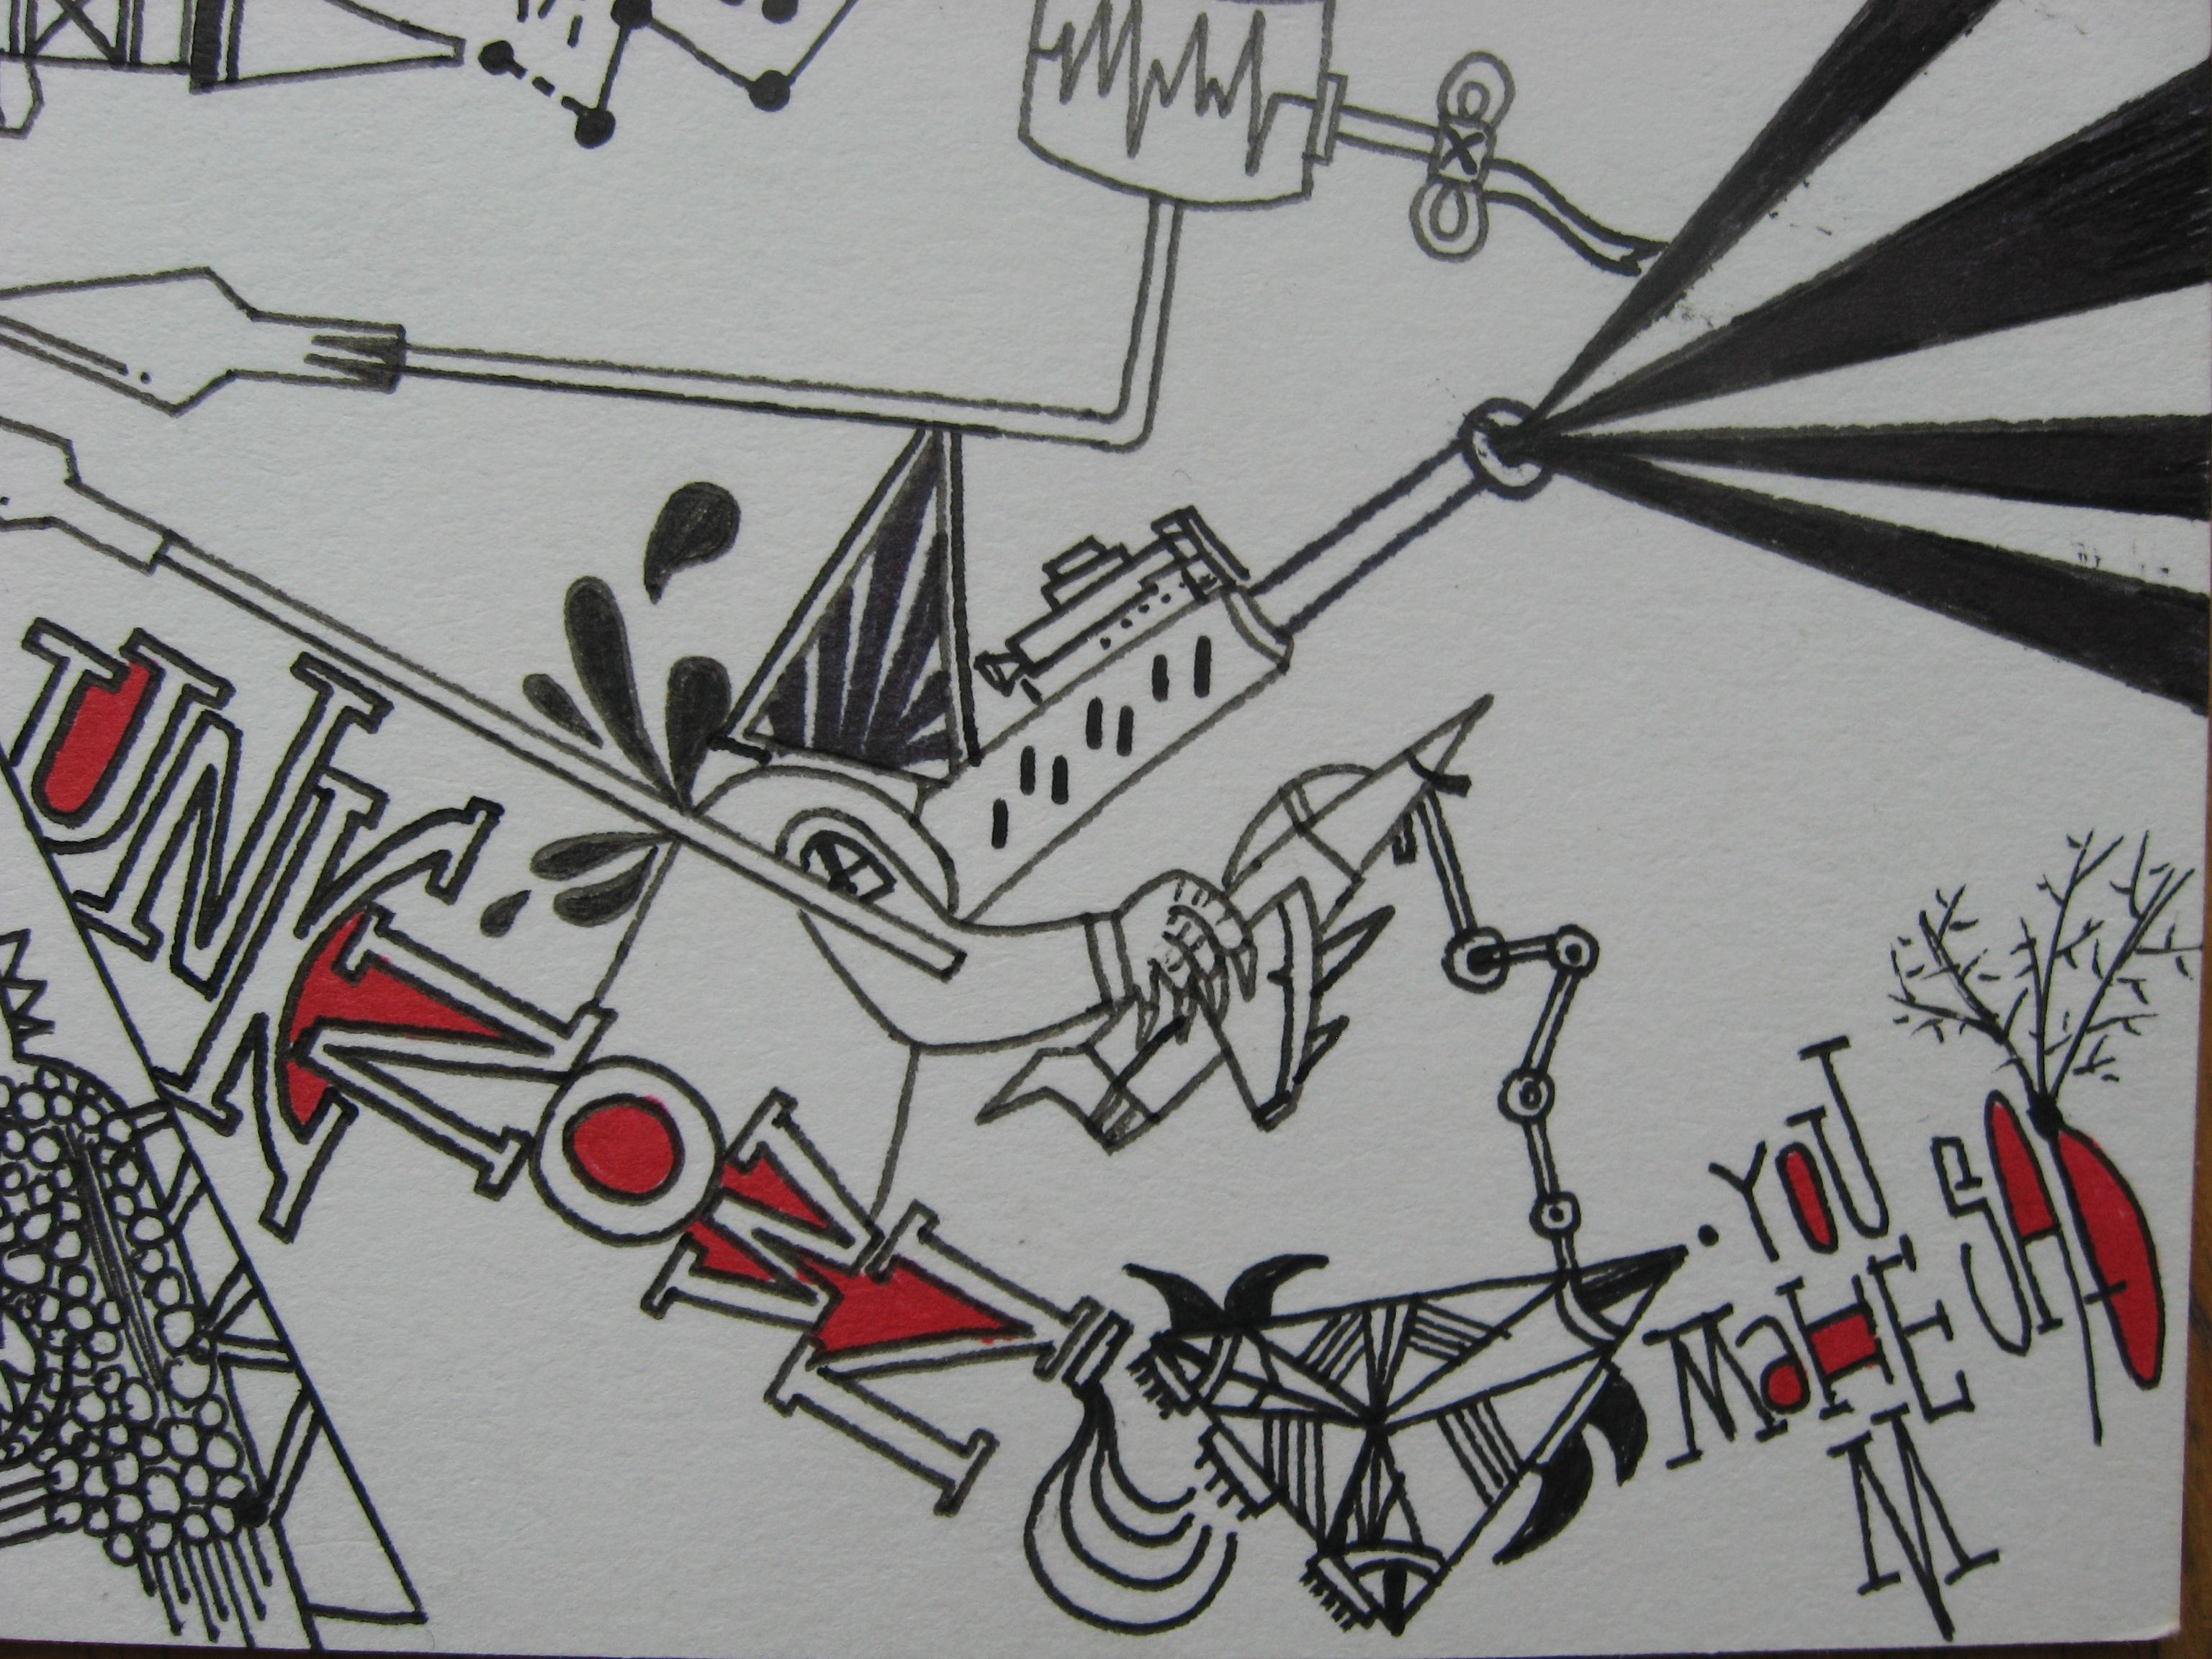 手绘明信片|插画|其他插画|fingergold - 原创作品